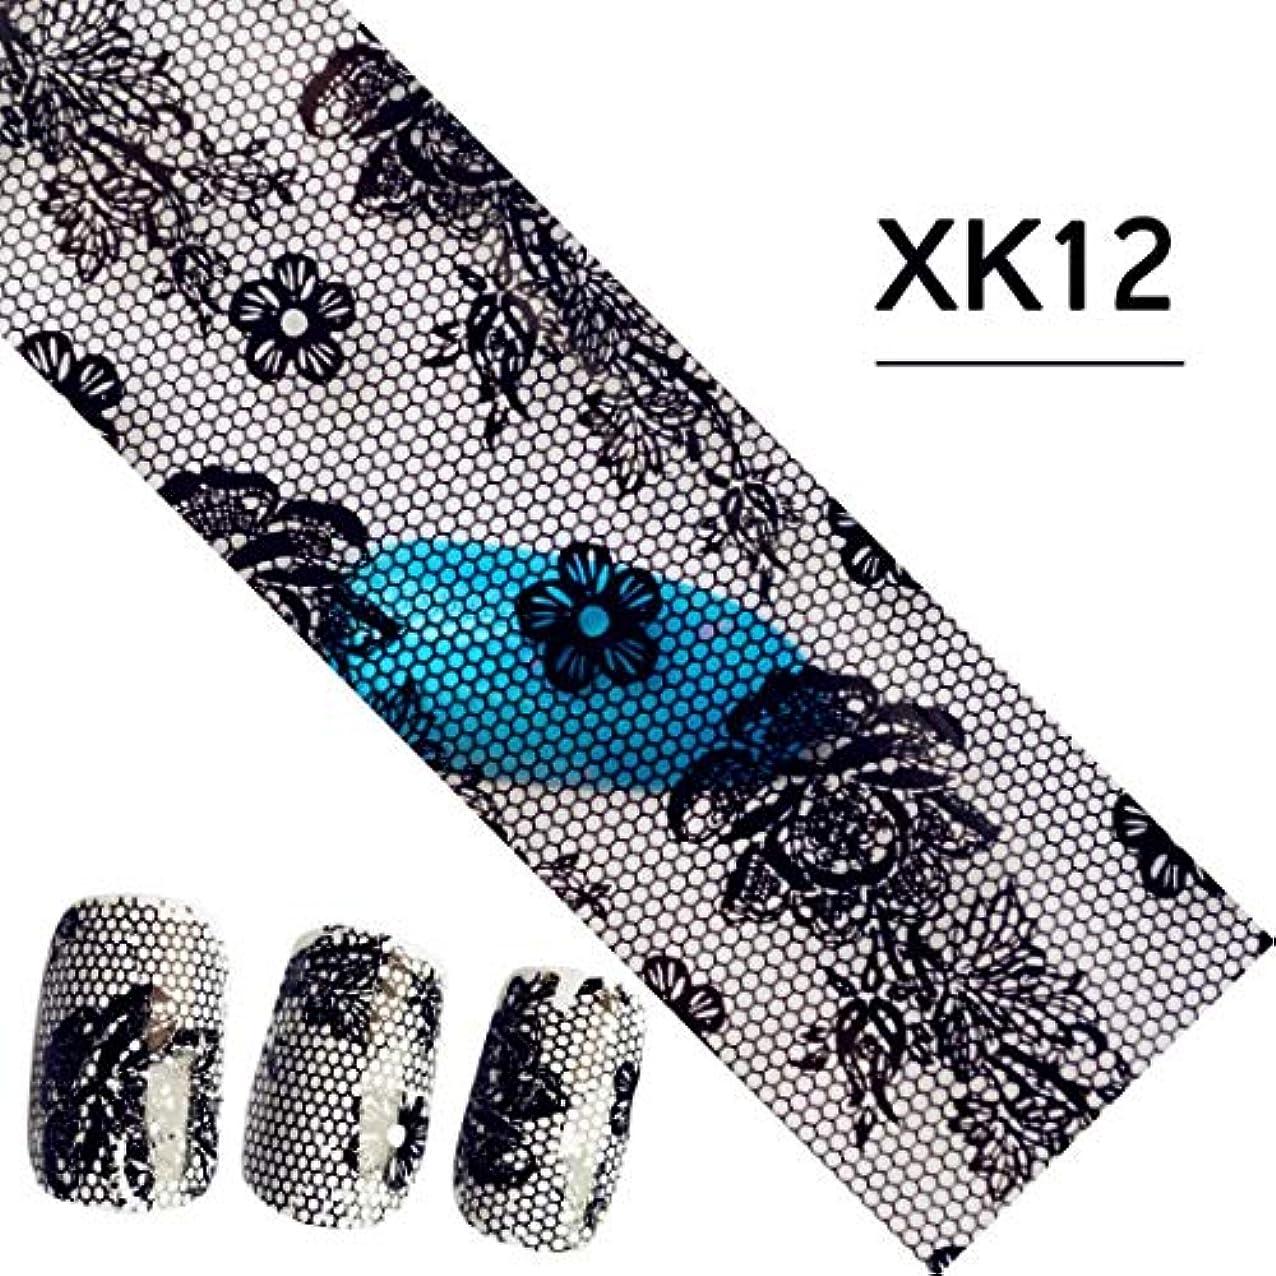 ハング香港見込みSUKTI&XIAO ネイルステッカー ゴールドストライプの異なるデザインステッカーネイルアート転送箔装飾スライダーネイルアートアクセサリー、Xk12